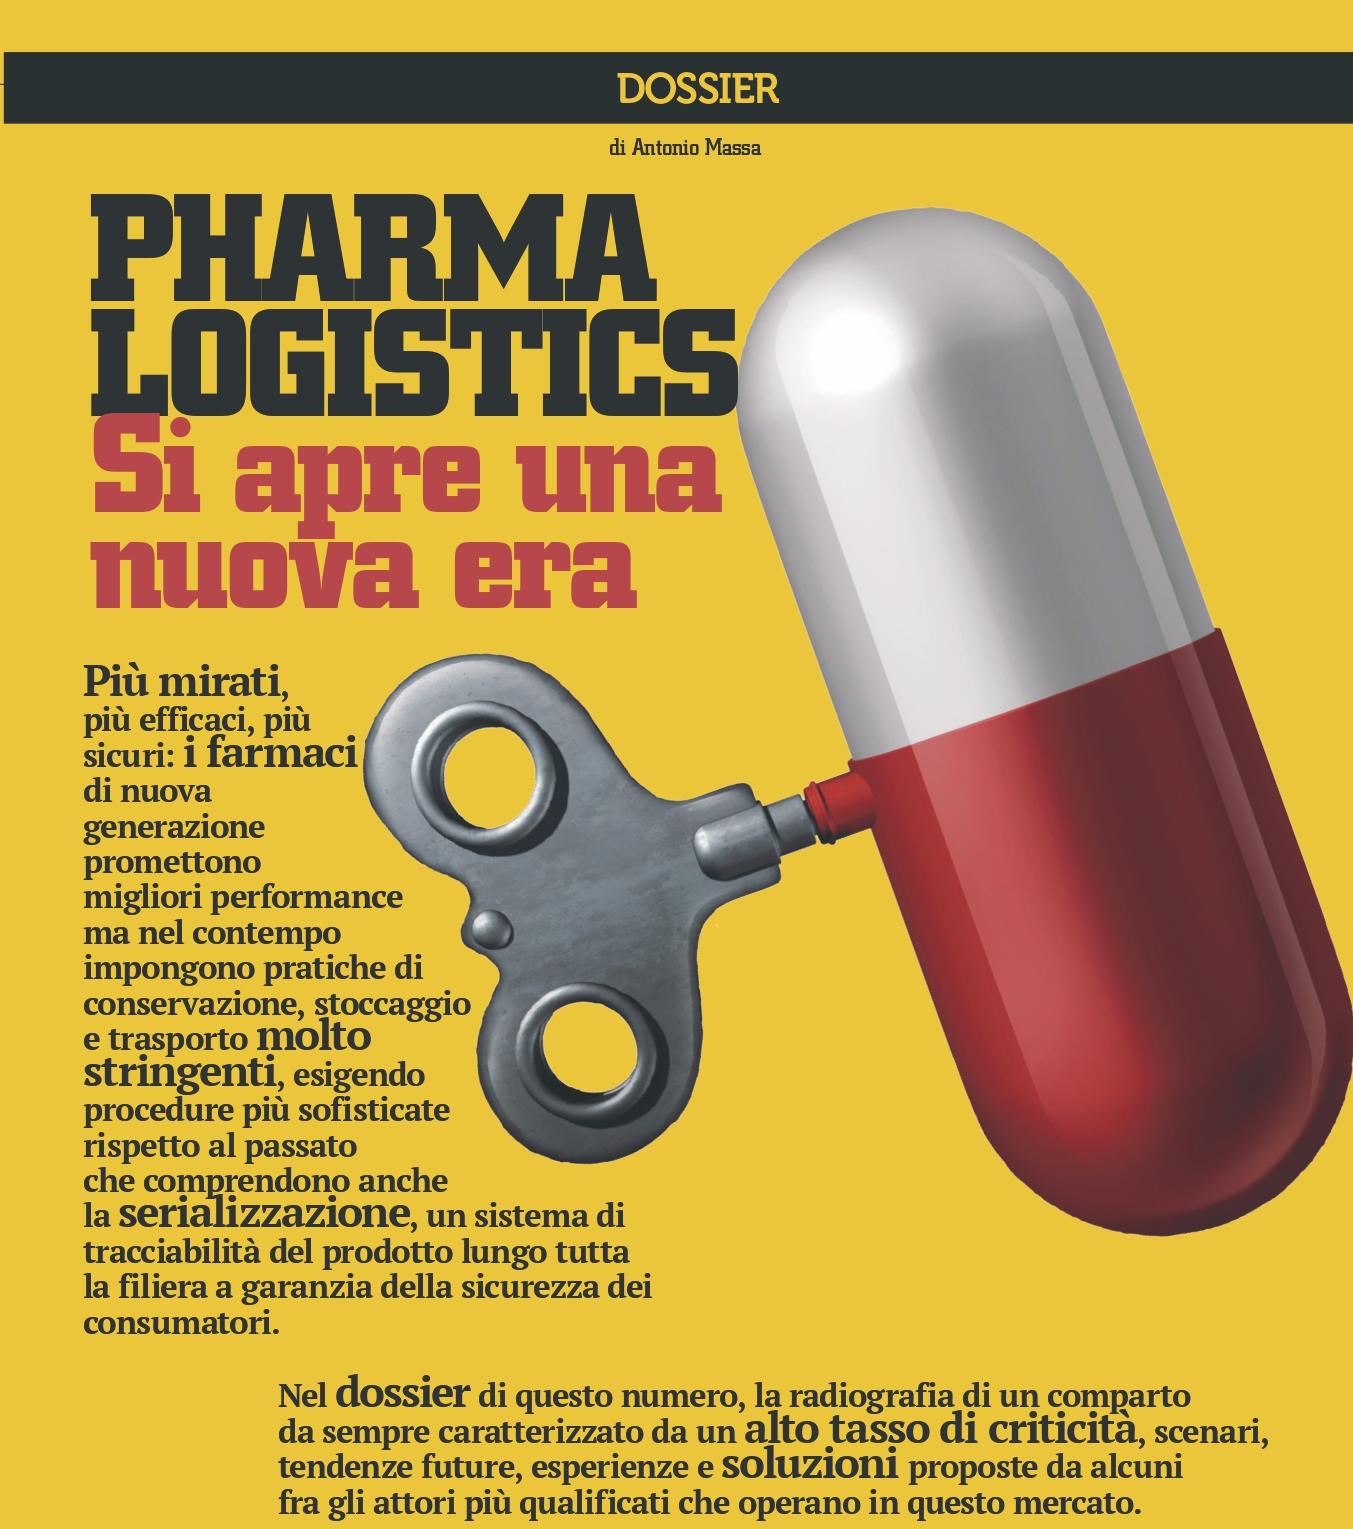 Dossier: logistica del Pharma. Si apre una nuova era